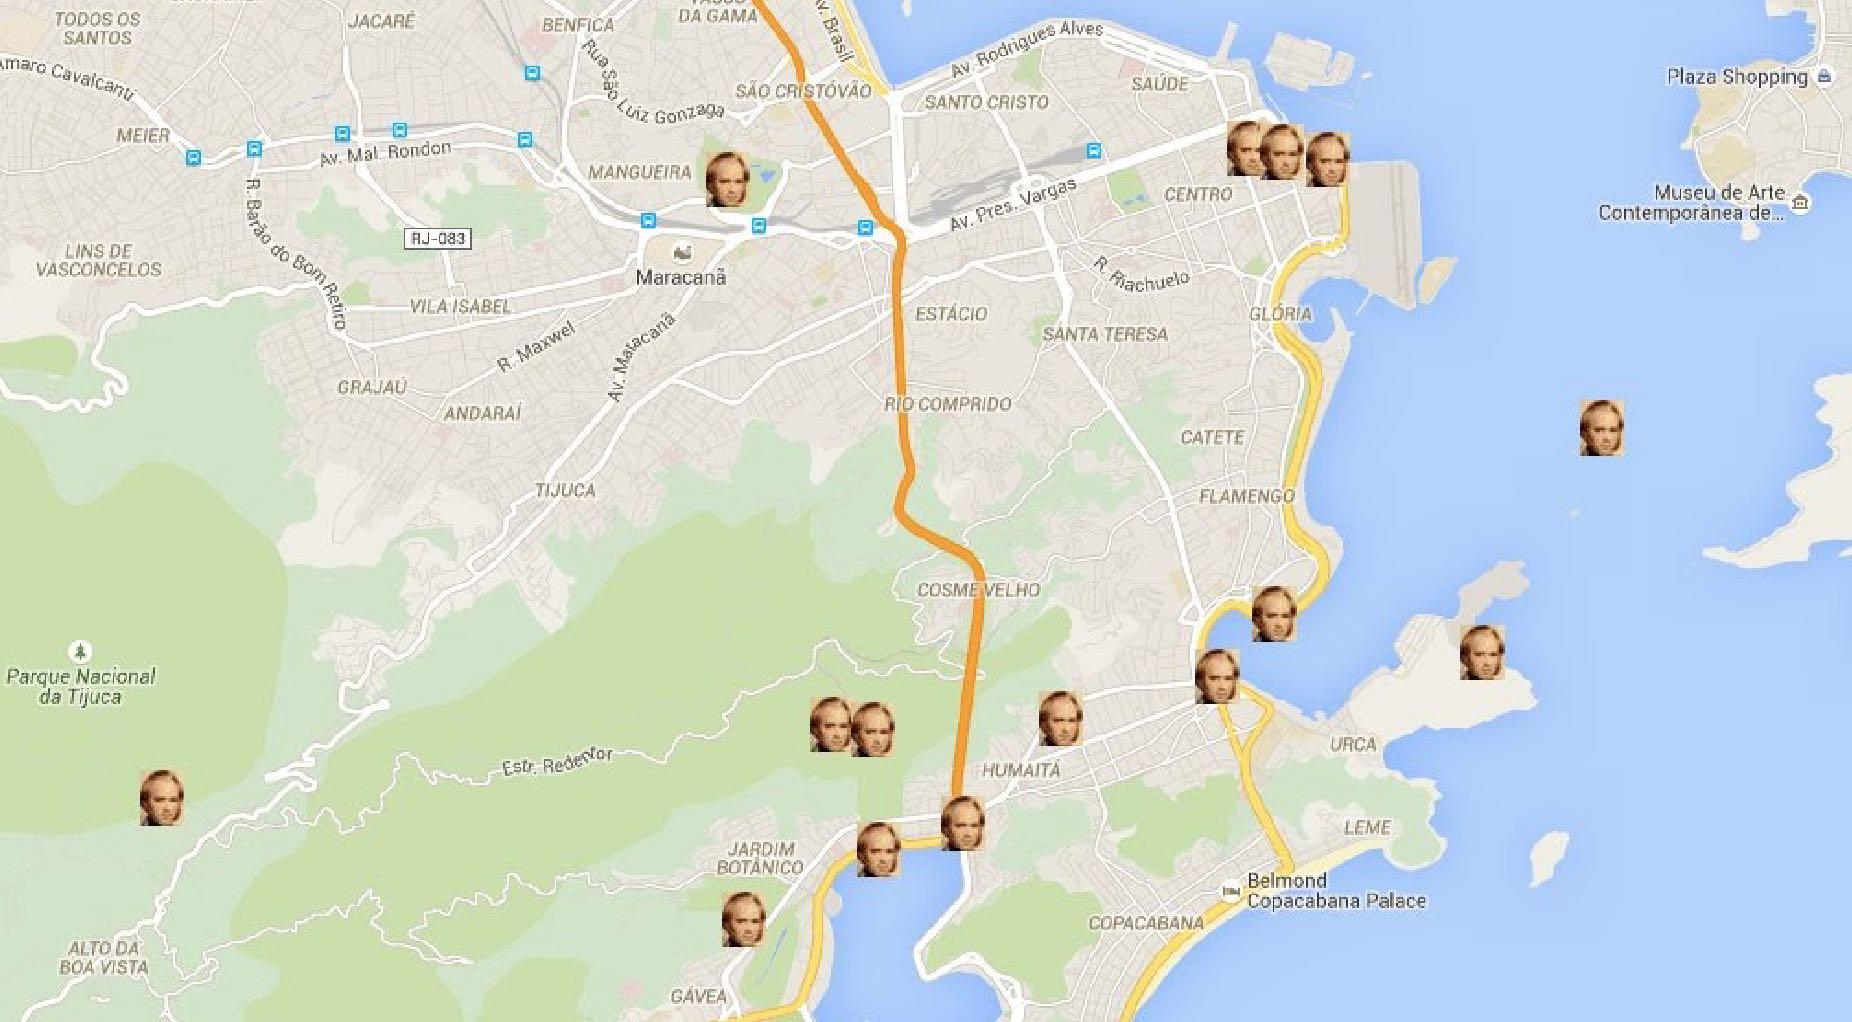 Mapa do Rio de Janeiro - Darwin na América do Sul